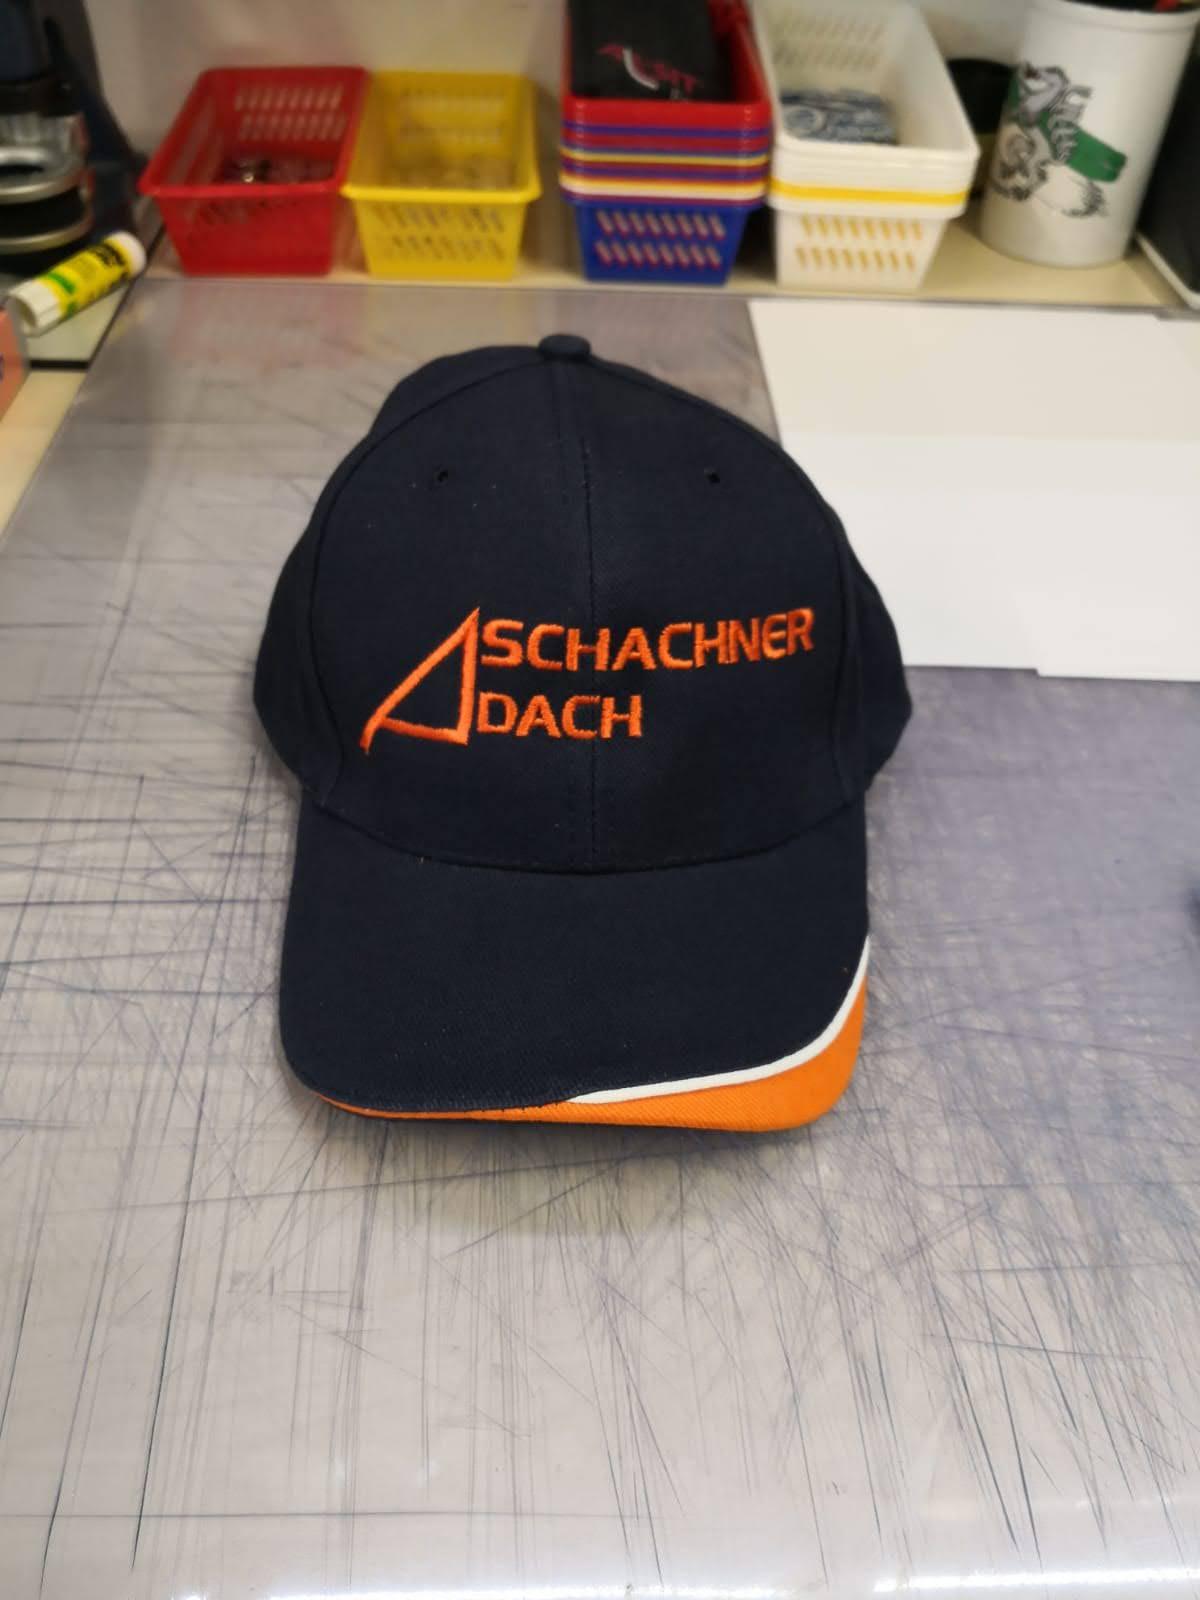 Schachner Dach Kappen